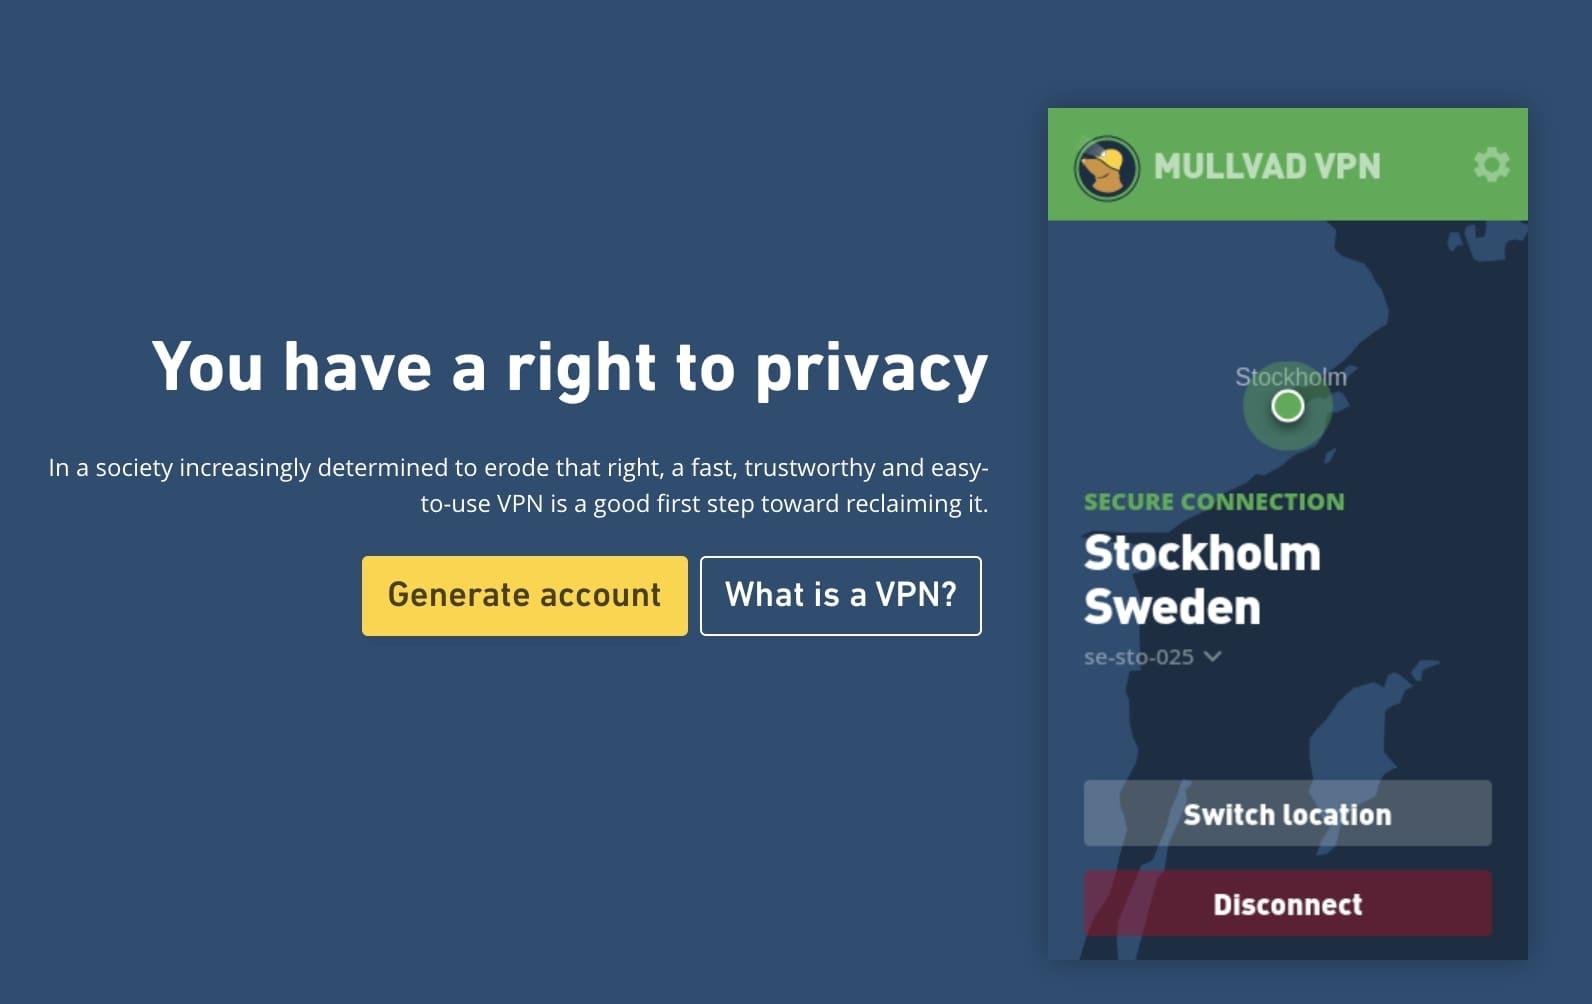 mullvad homepage